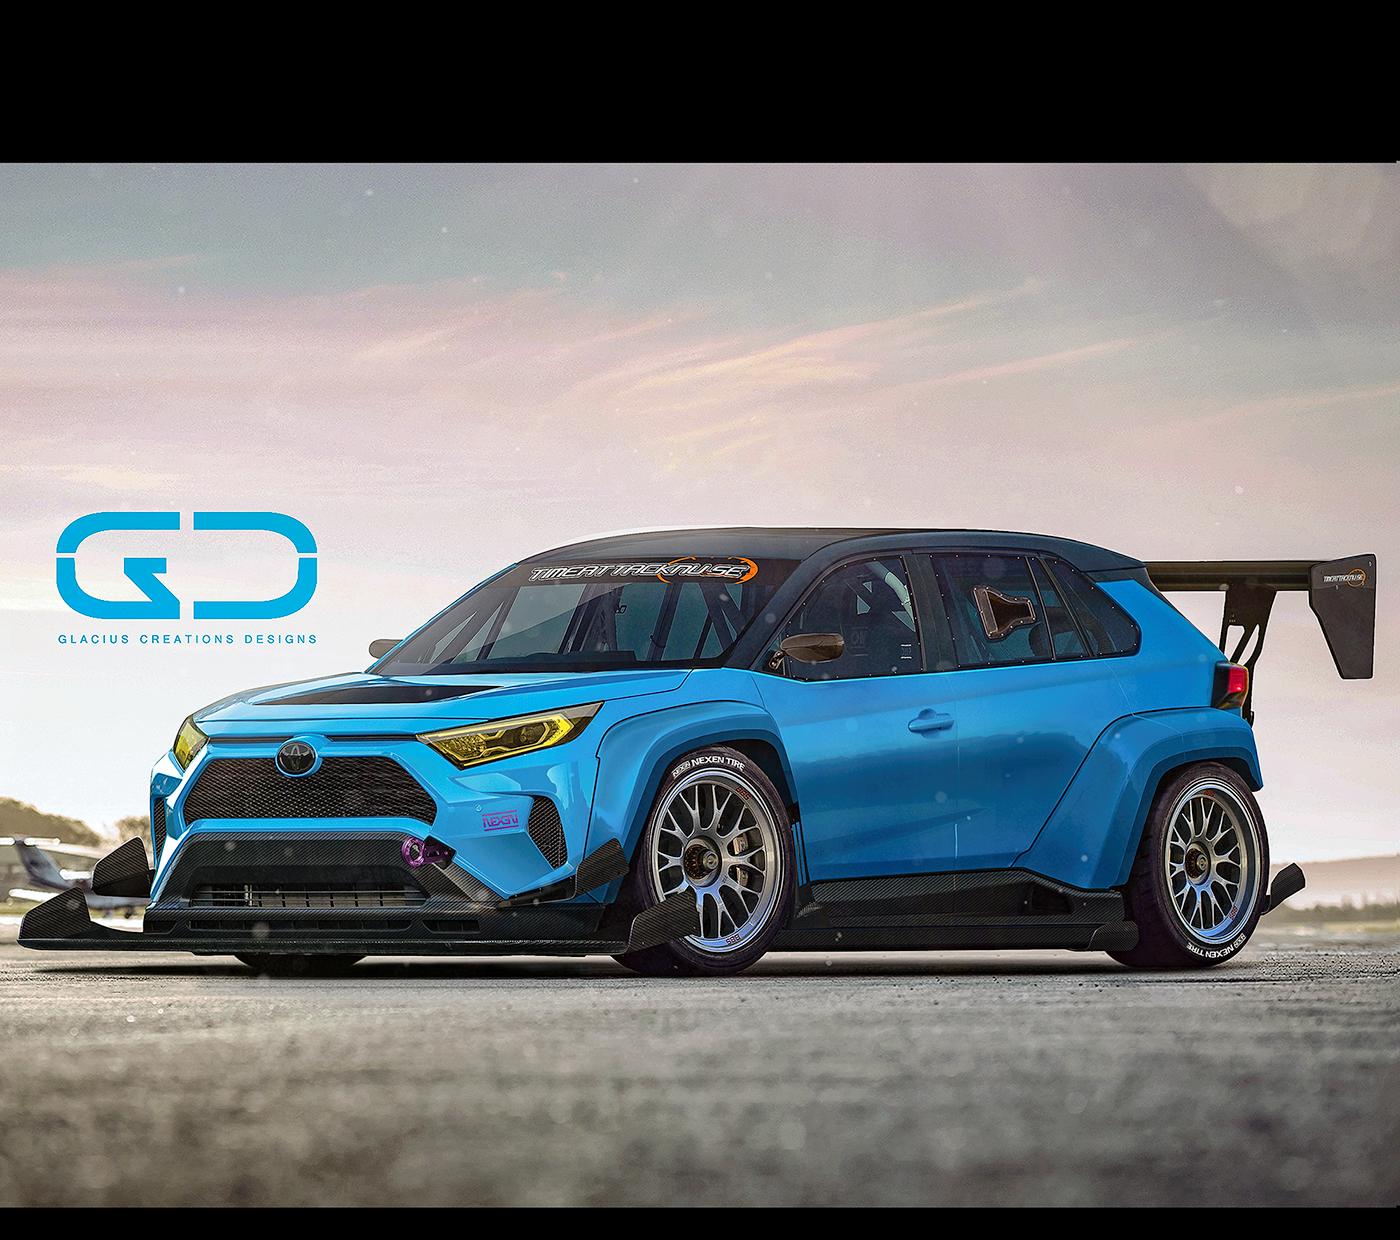 2019 Toyota Rav4: 2019 Toyota Rav4 / Aasbo / TRD / Timeattack.se On Behance